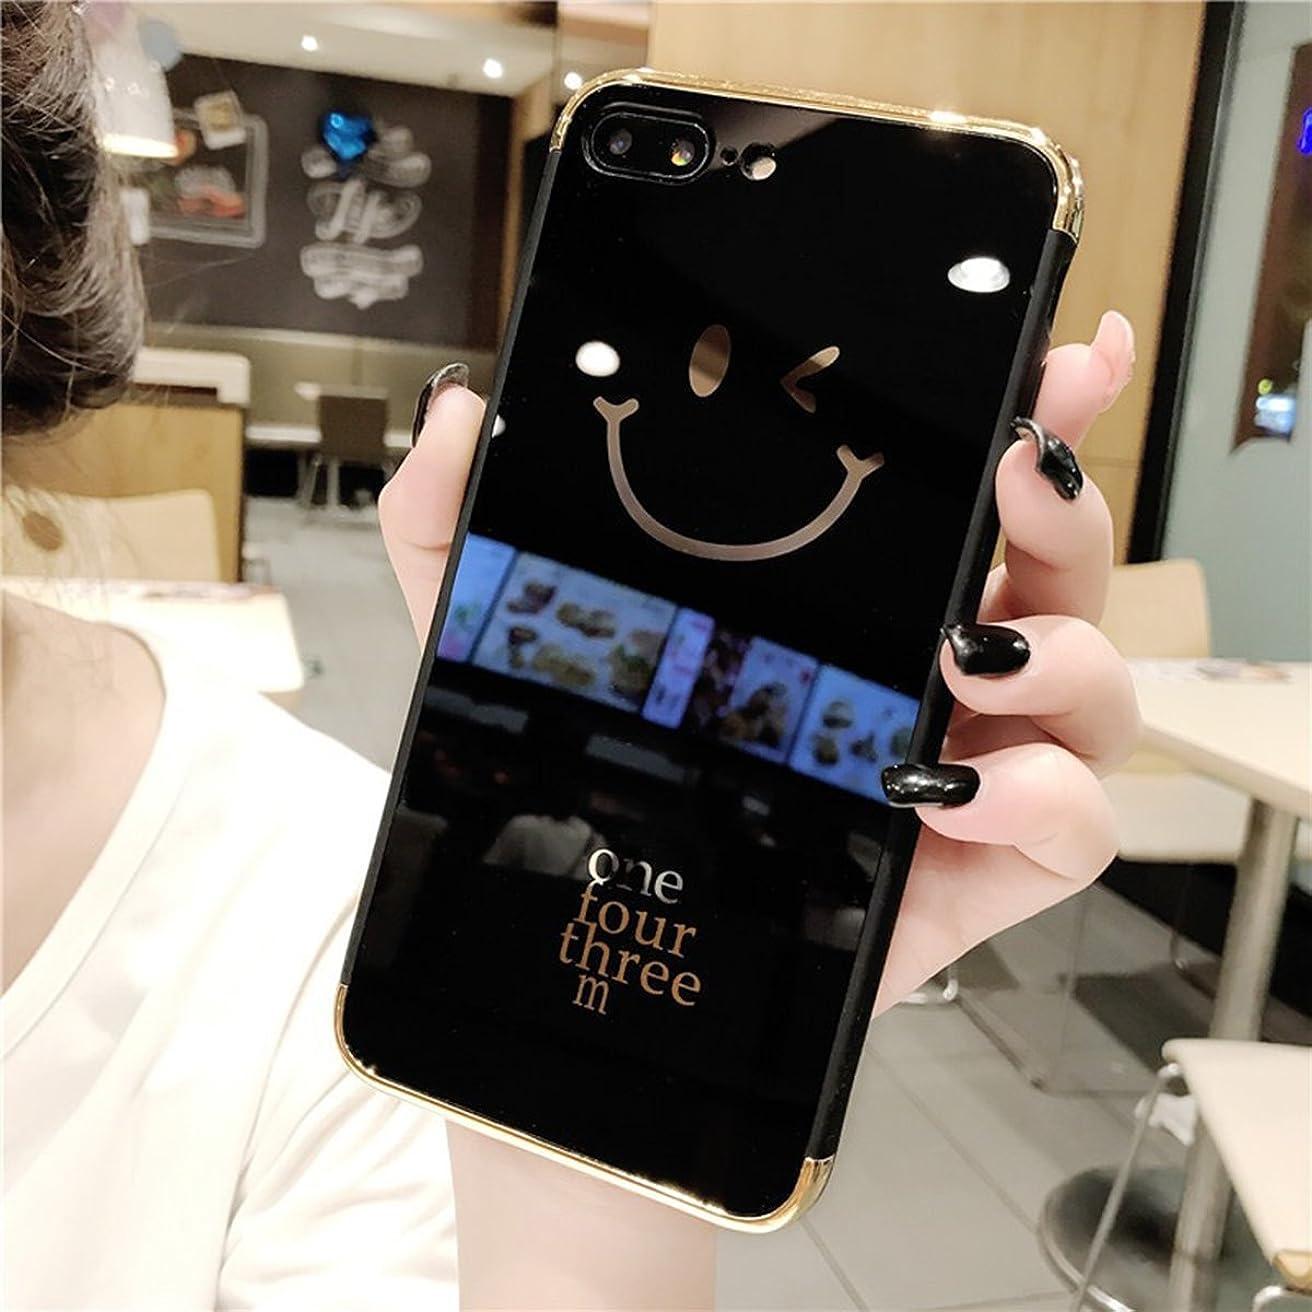 シャツ花婿各iPhone 6?Plusケース、iPhone 6s Plusケース、IKASEFU Shinyメッキミラーアクリルバック耐衝撃キラキラ光る明るいソフトTPUシリコンバンパー保護カバーfor iPhone 6?Plus/6s Plus IKASEFU00005597